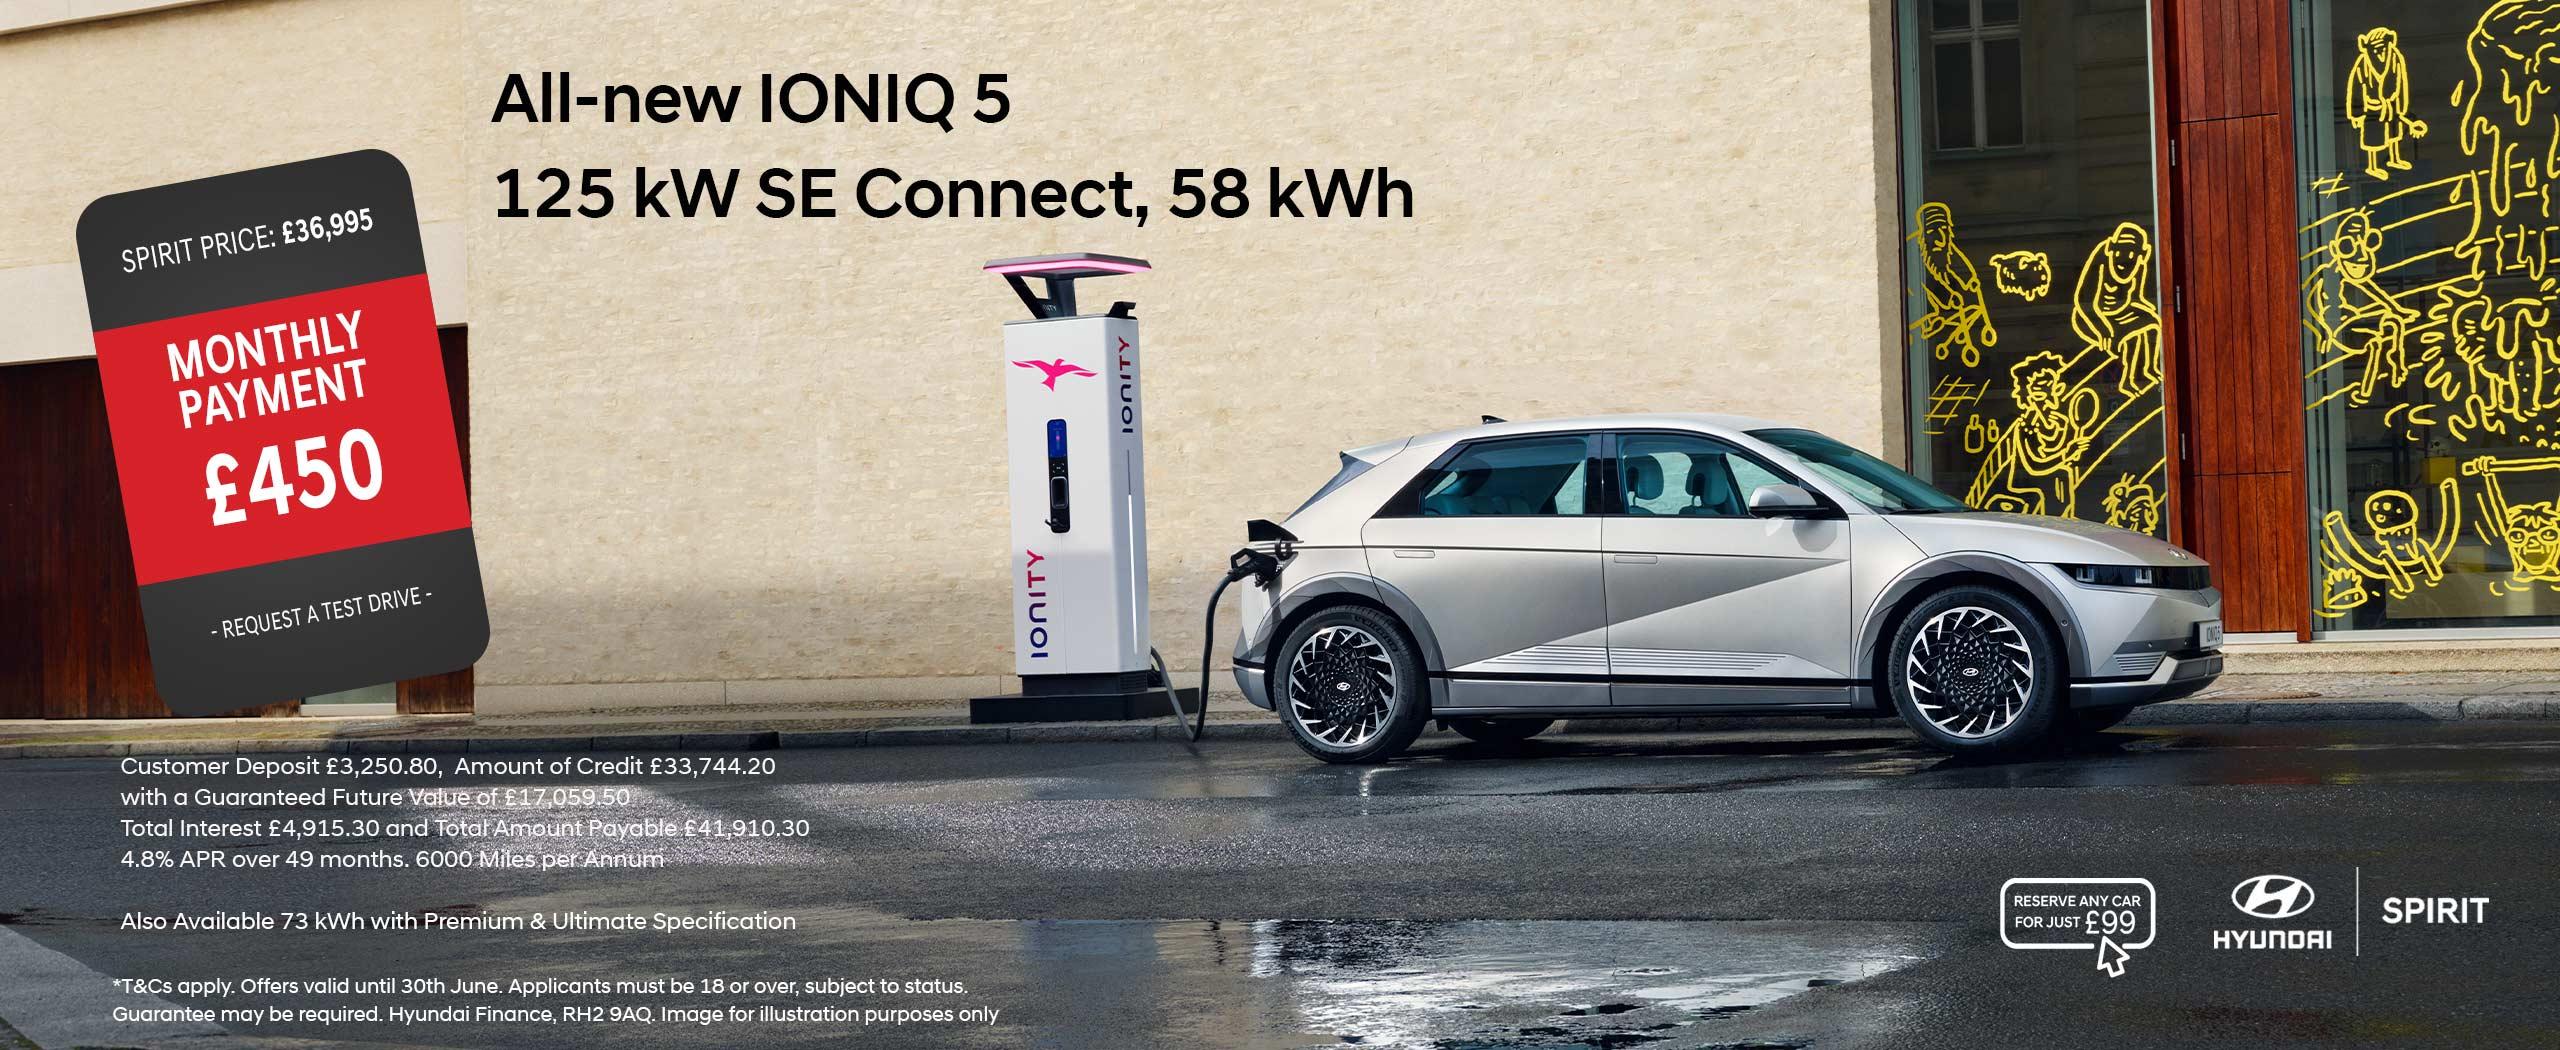 All-New IONIQ 5